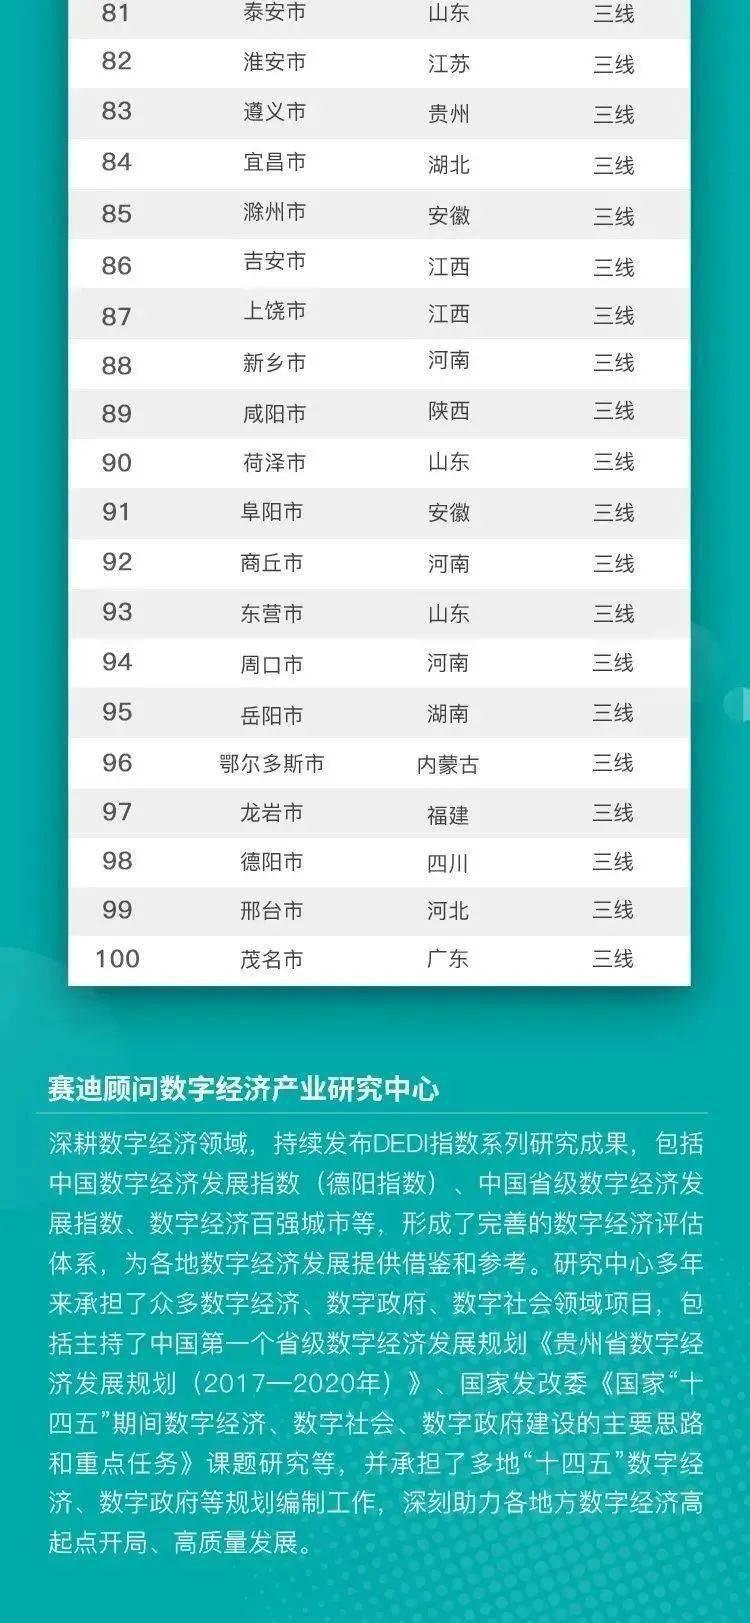 山东城市gdp2021_2021年上半年25省区市GDP汇总